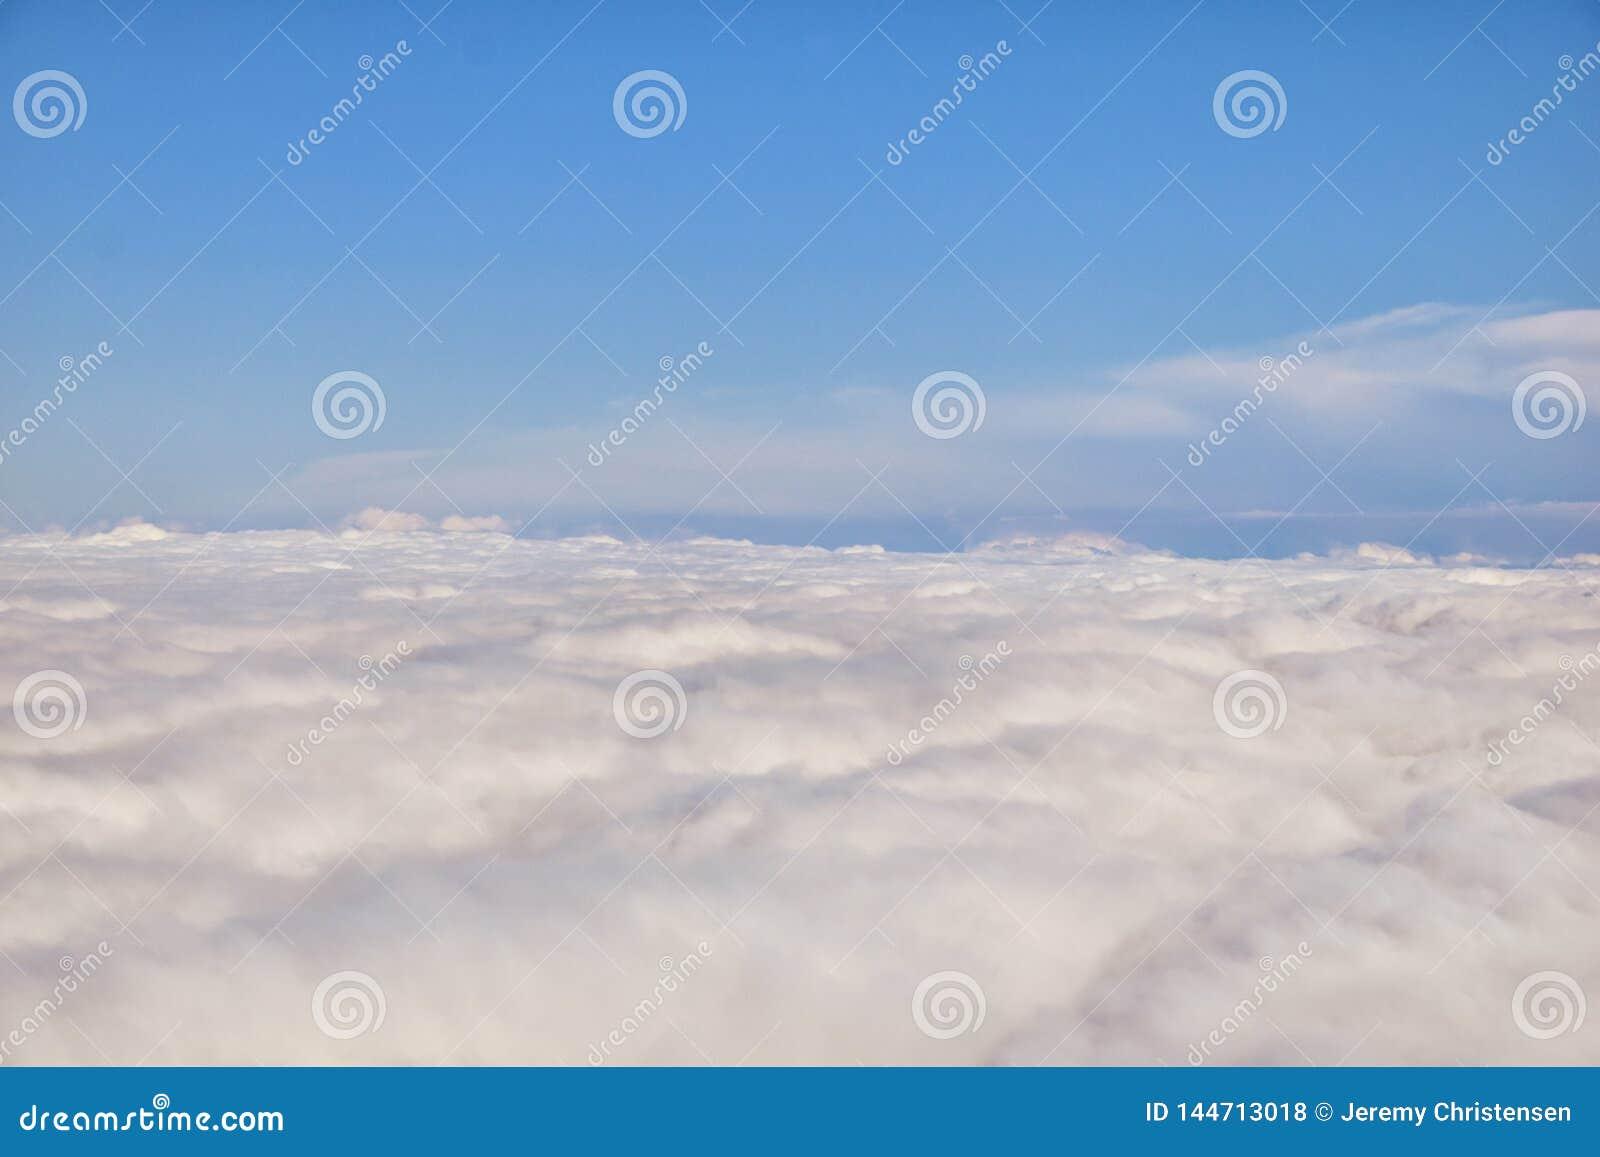 Воздушный взгляд Cloudscape над Нашвилл на полете над Теннесси во время осени Большие широкие взгляды ландшафта и облаков Взгляды